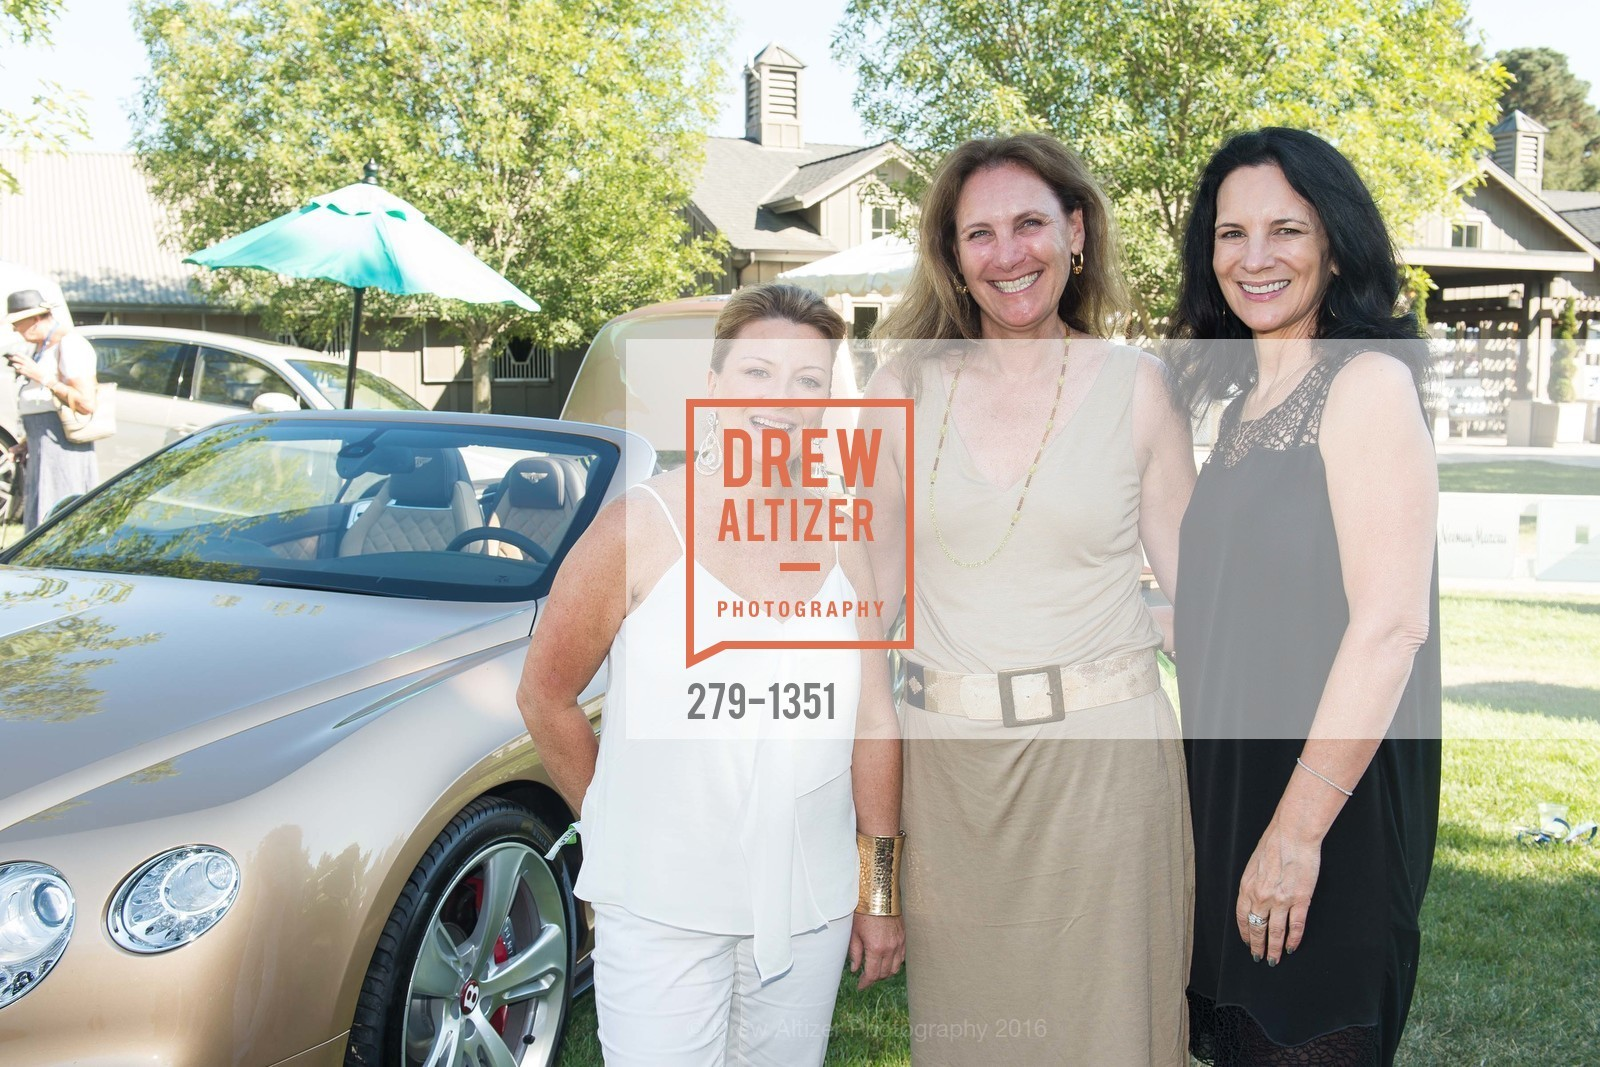 Christine Baur, Suzanne Rischman, Emmy McCormack, Photo #279-1351